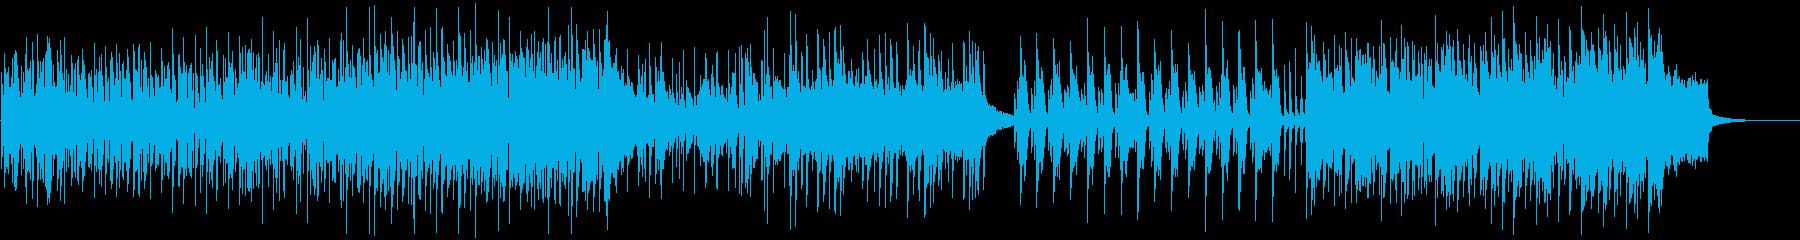 都会/オフィス/雑踏/人混みの中のBGMの再生済みの波形